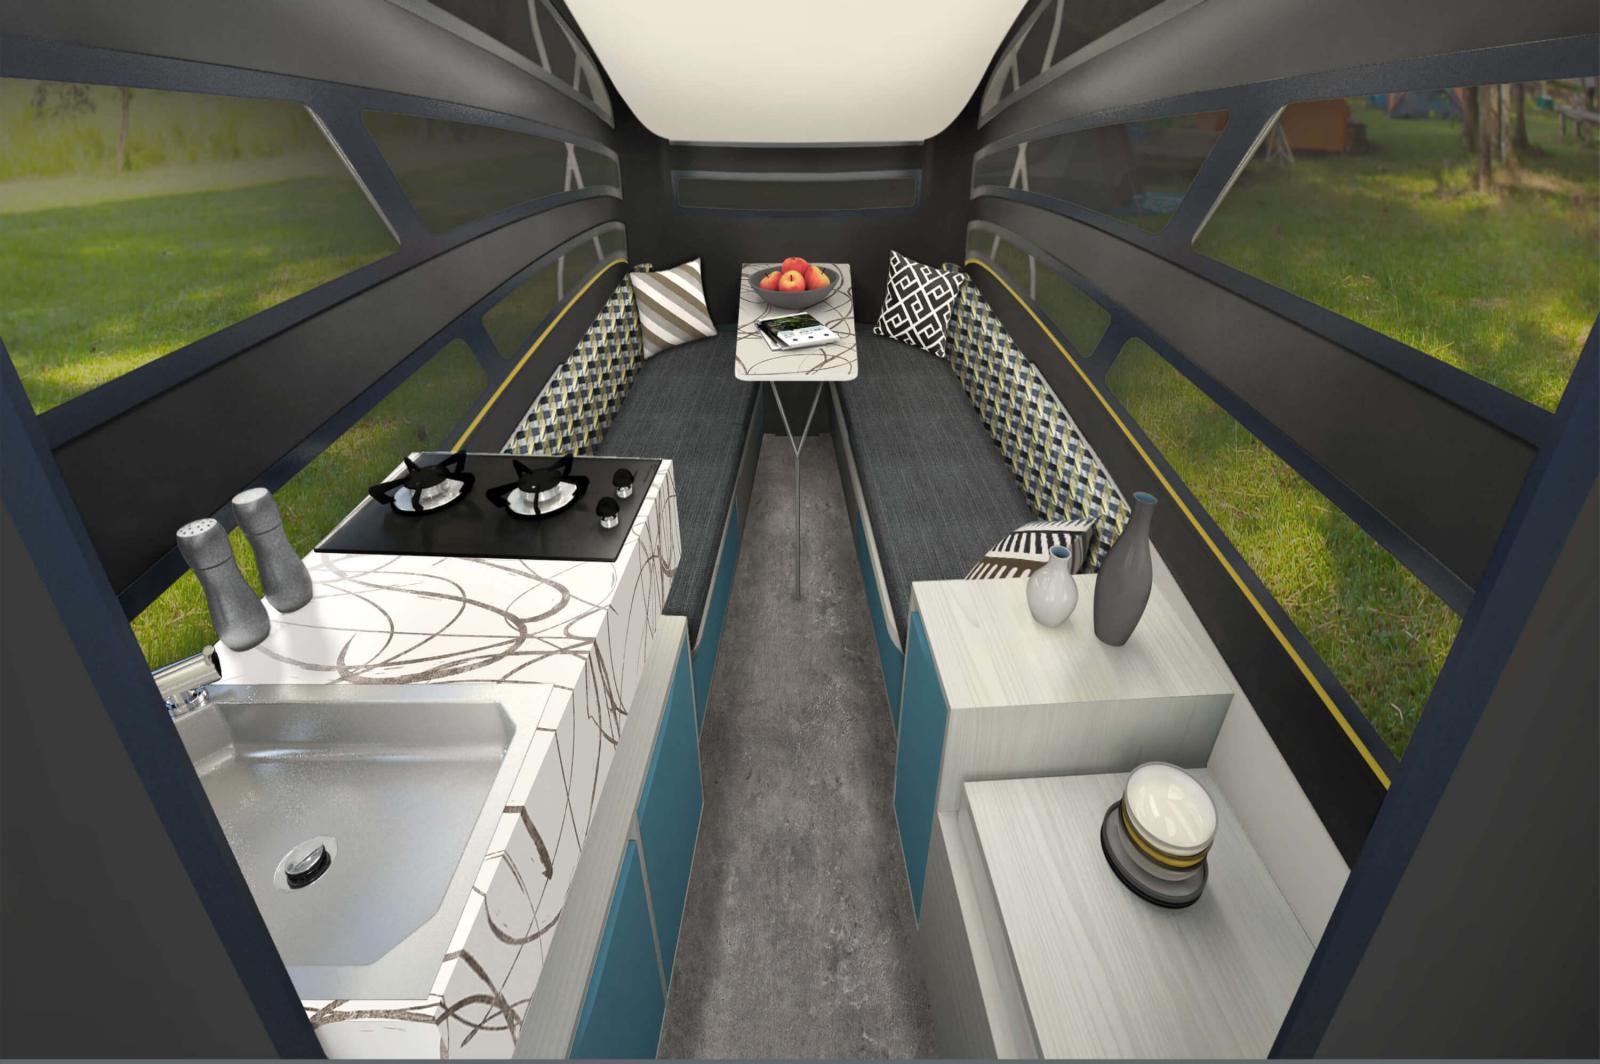 Easy Caravaning TakeOff o cómo acampar con mucho estilo